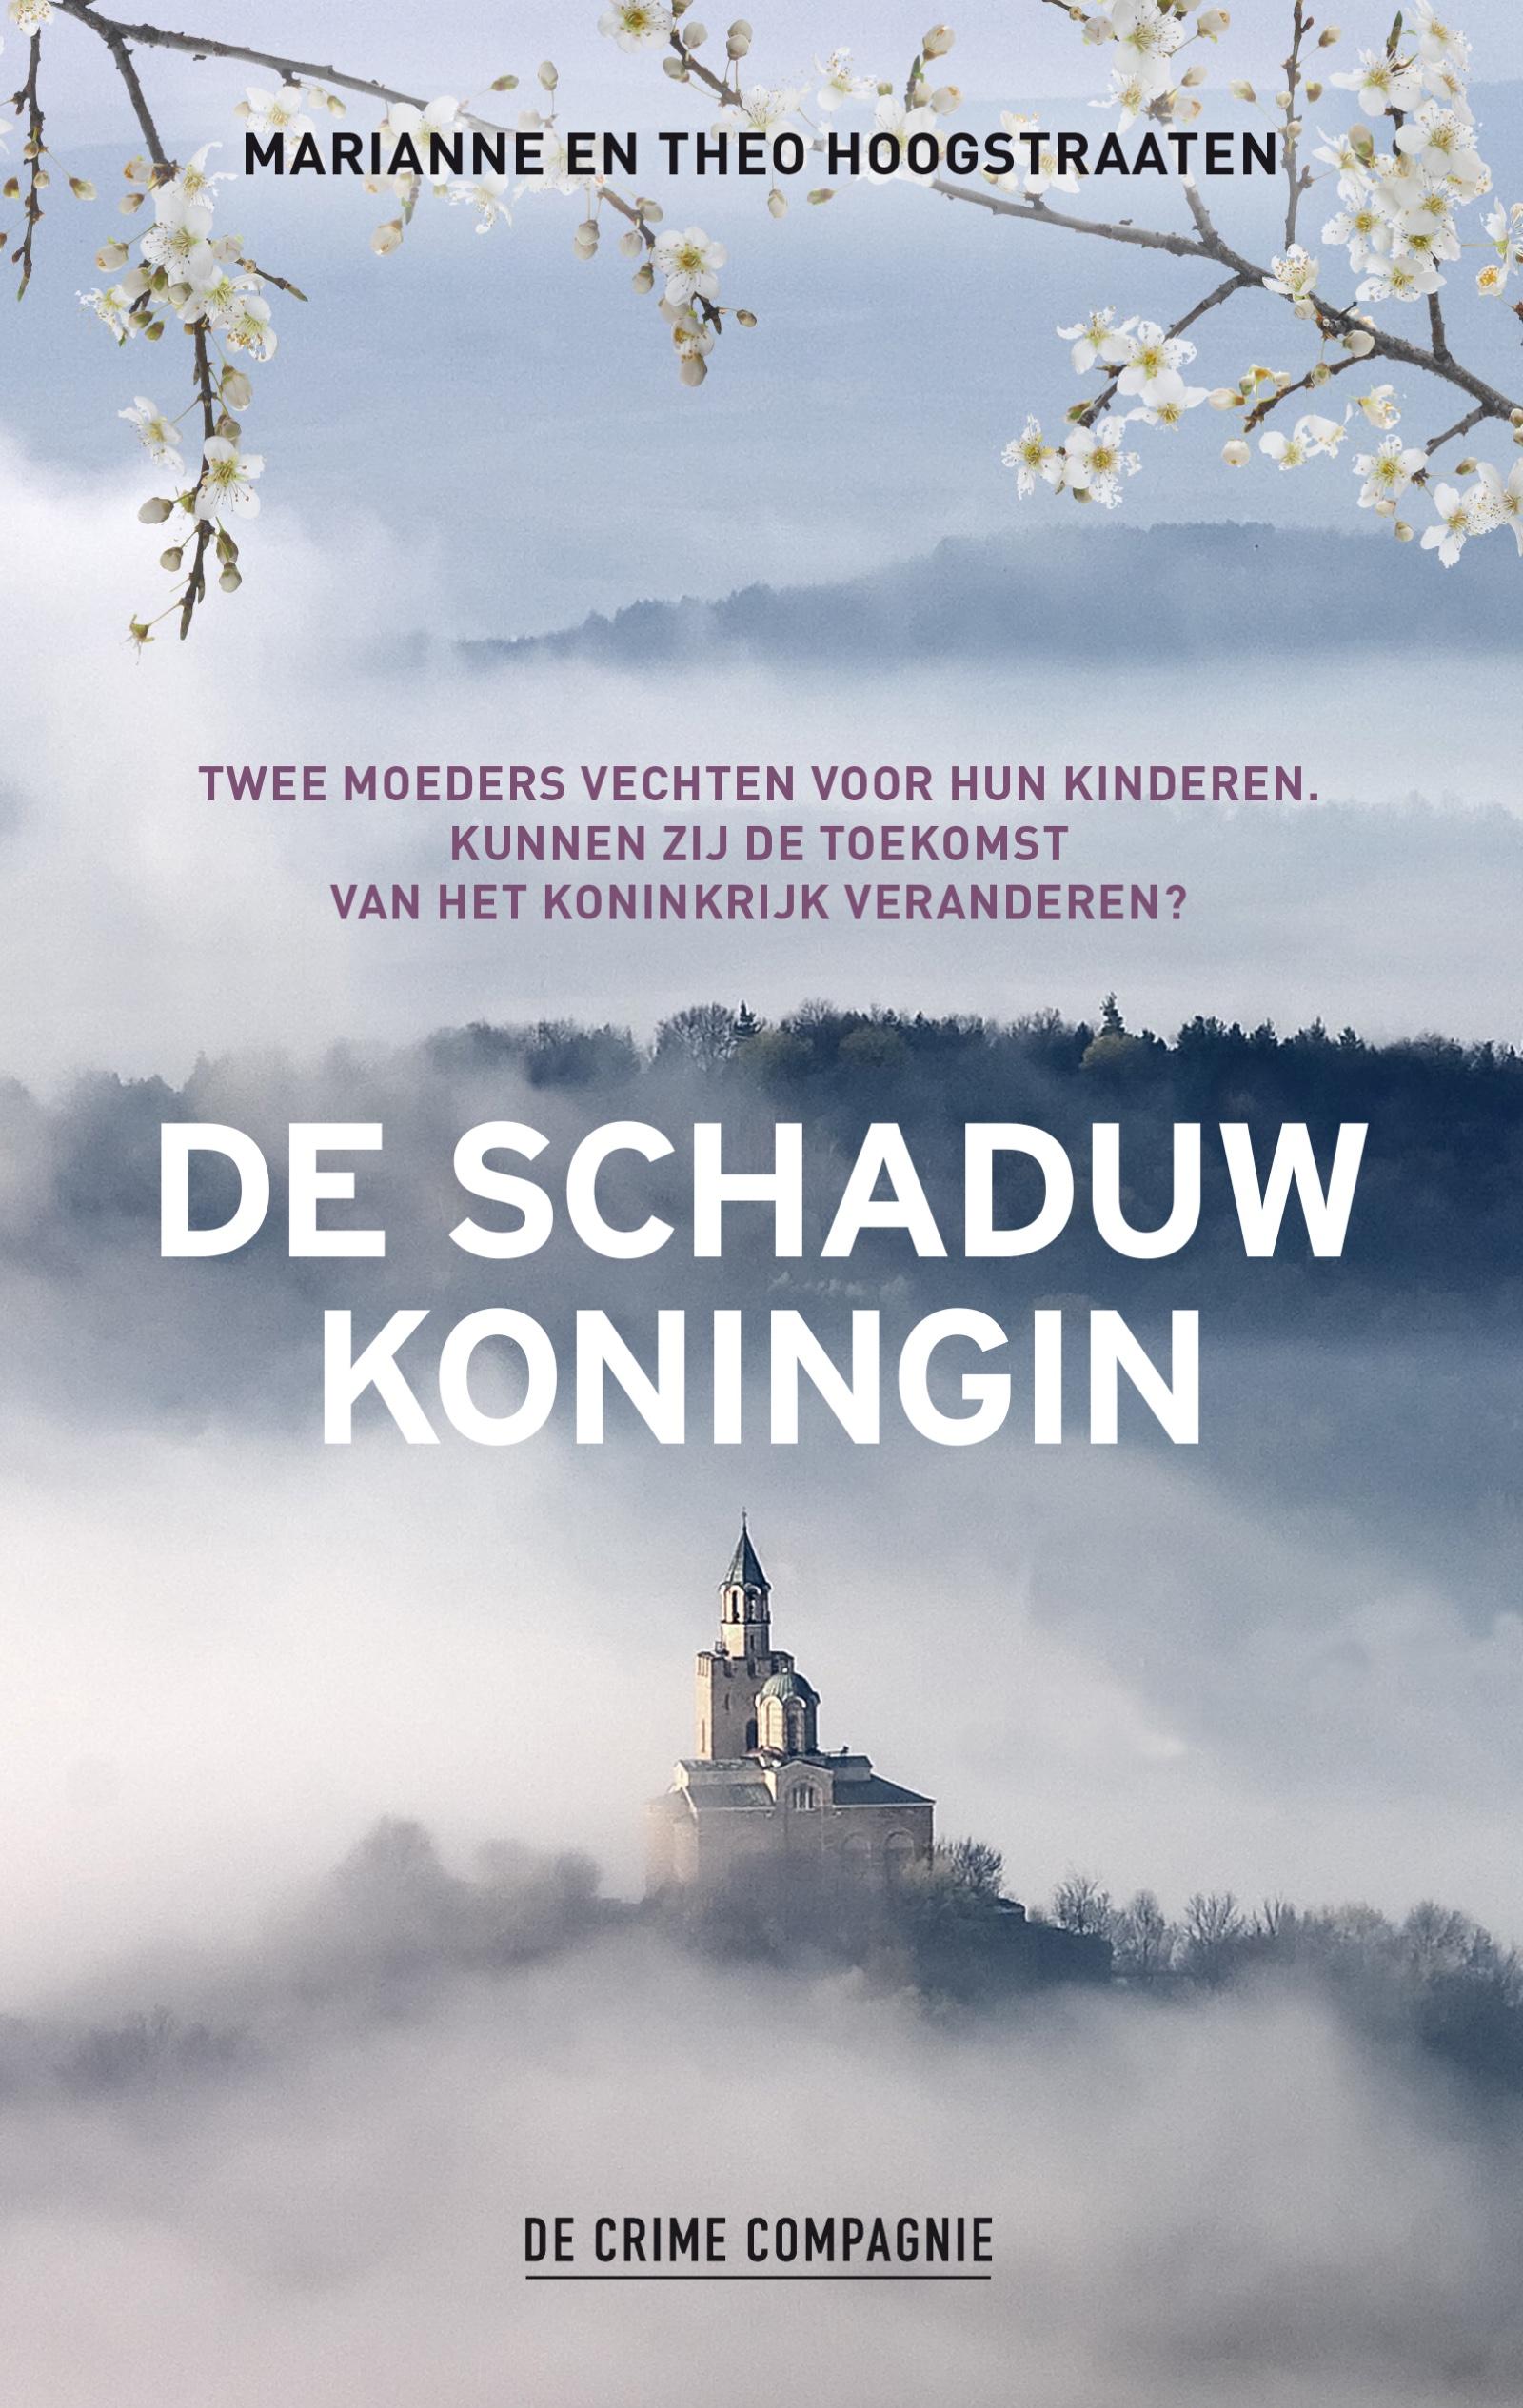 De schaduwkoningin - boekenflits